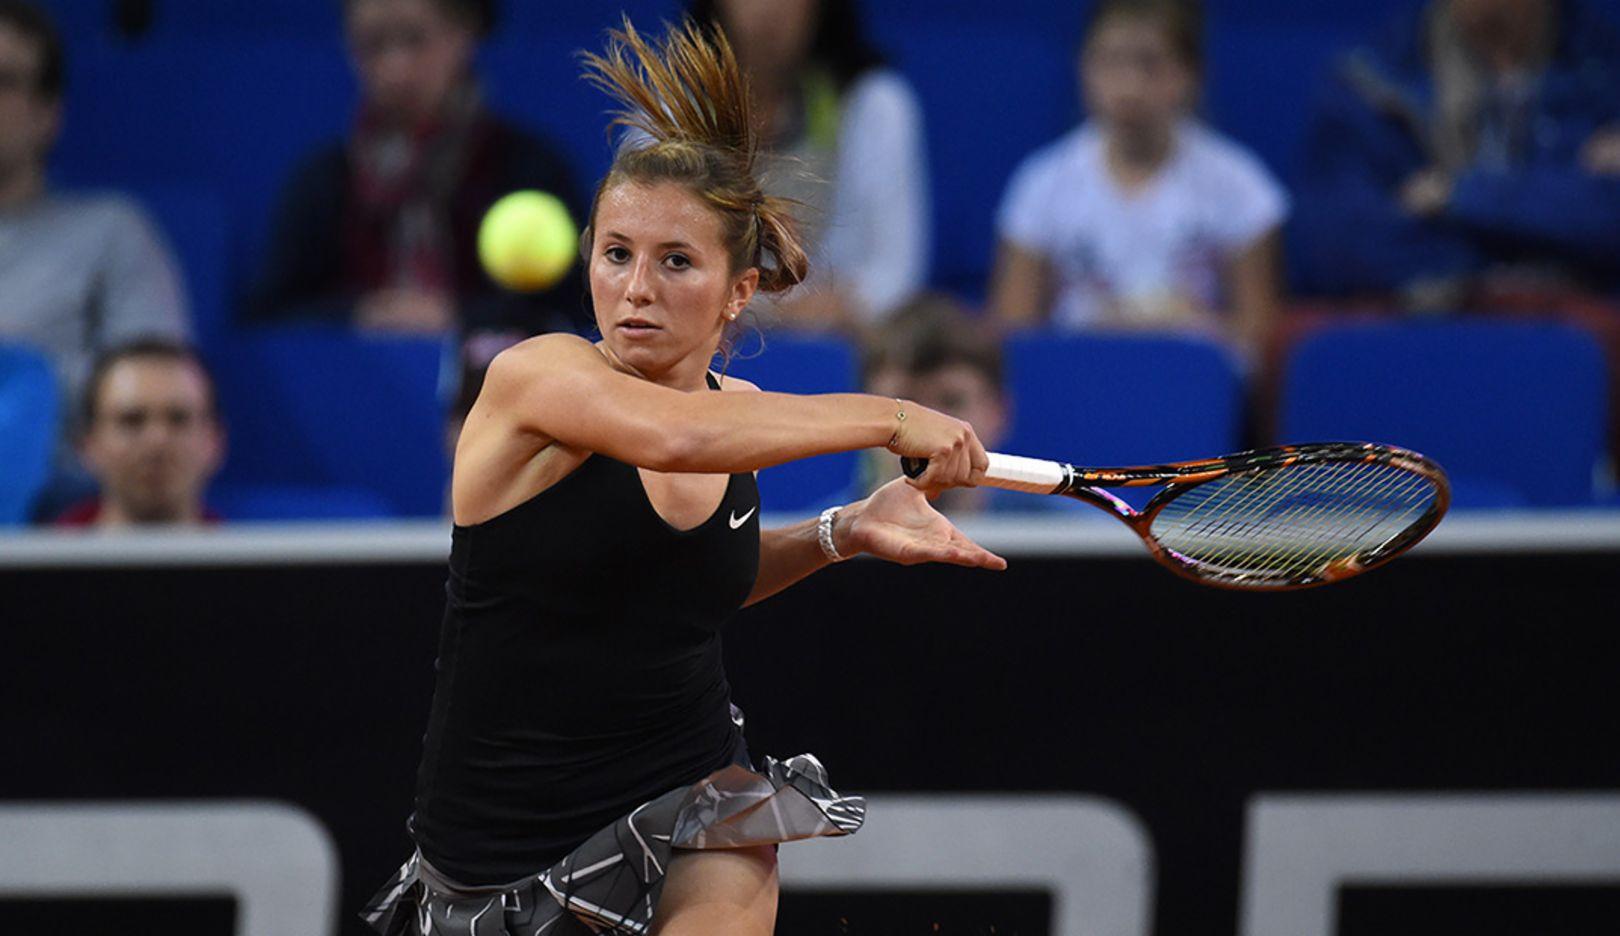 Annika Beck, tennis player, Porsche Team Germany, Porsche Tennis Grand Prix, Porsche-Arena Stuttgart, 2014, Porsche AG